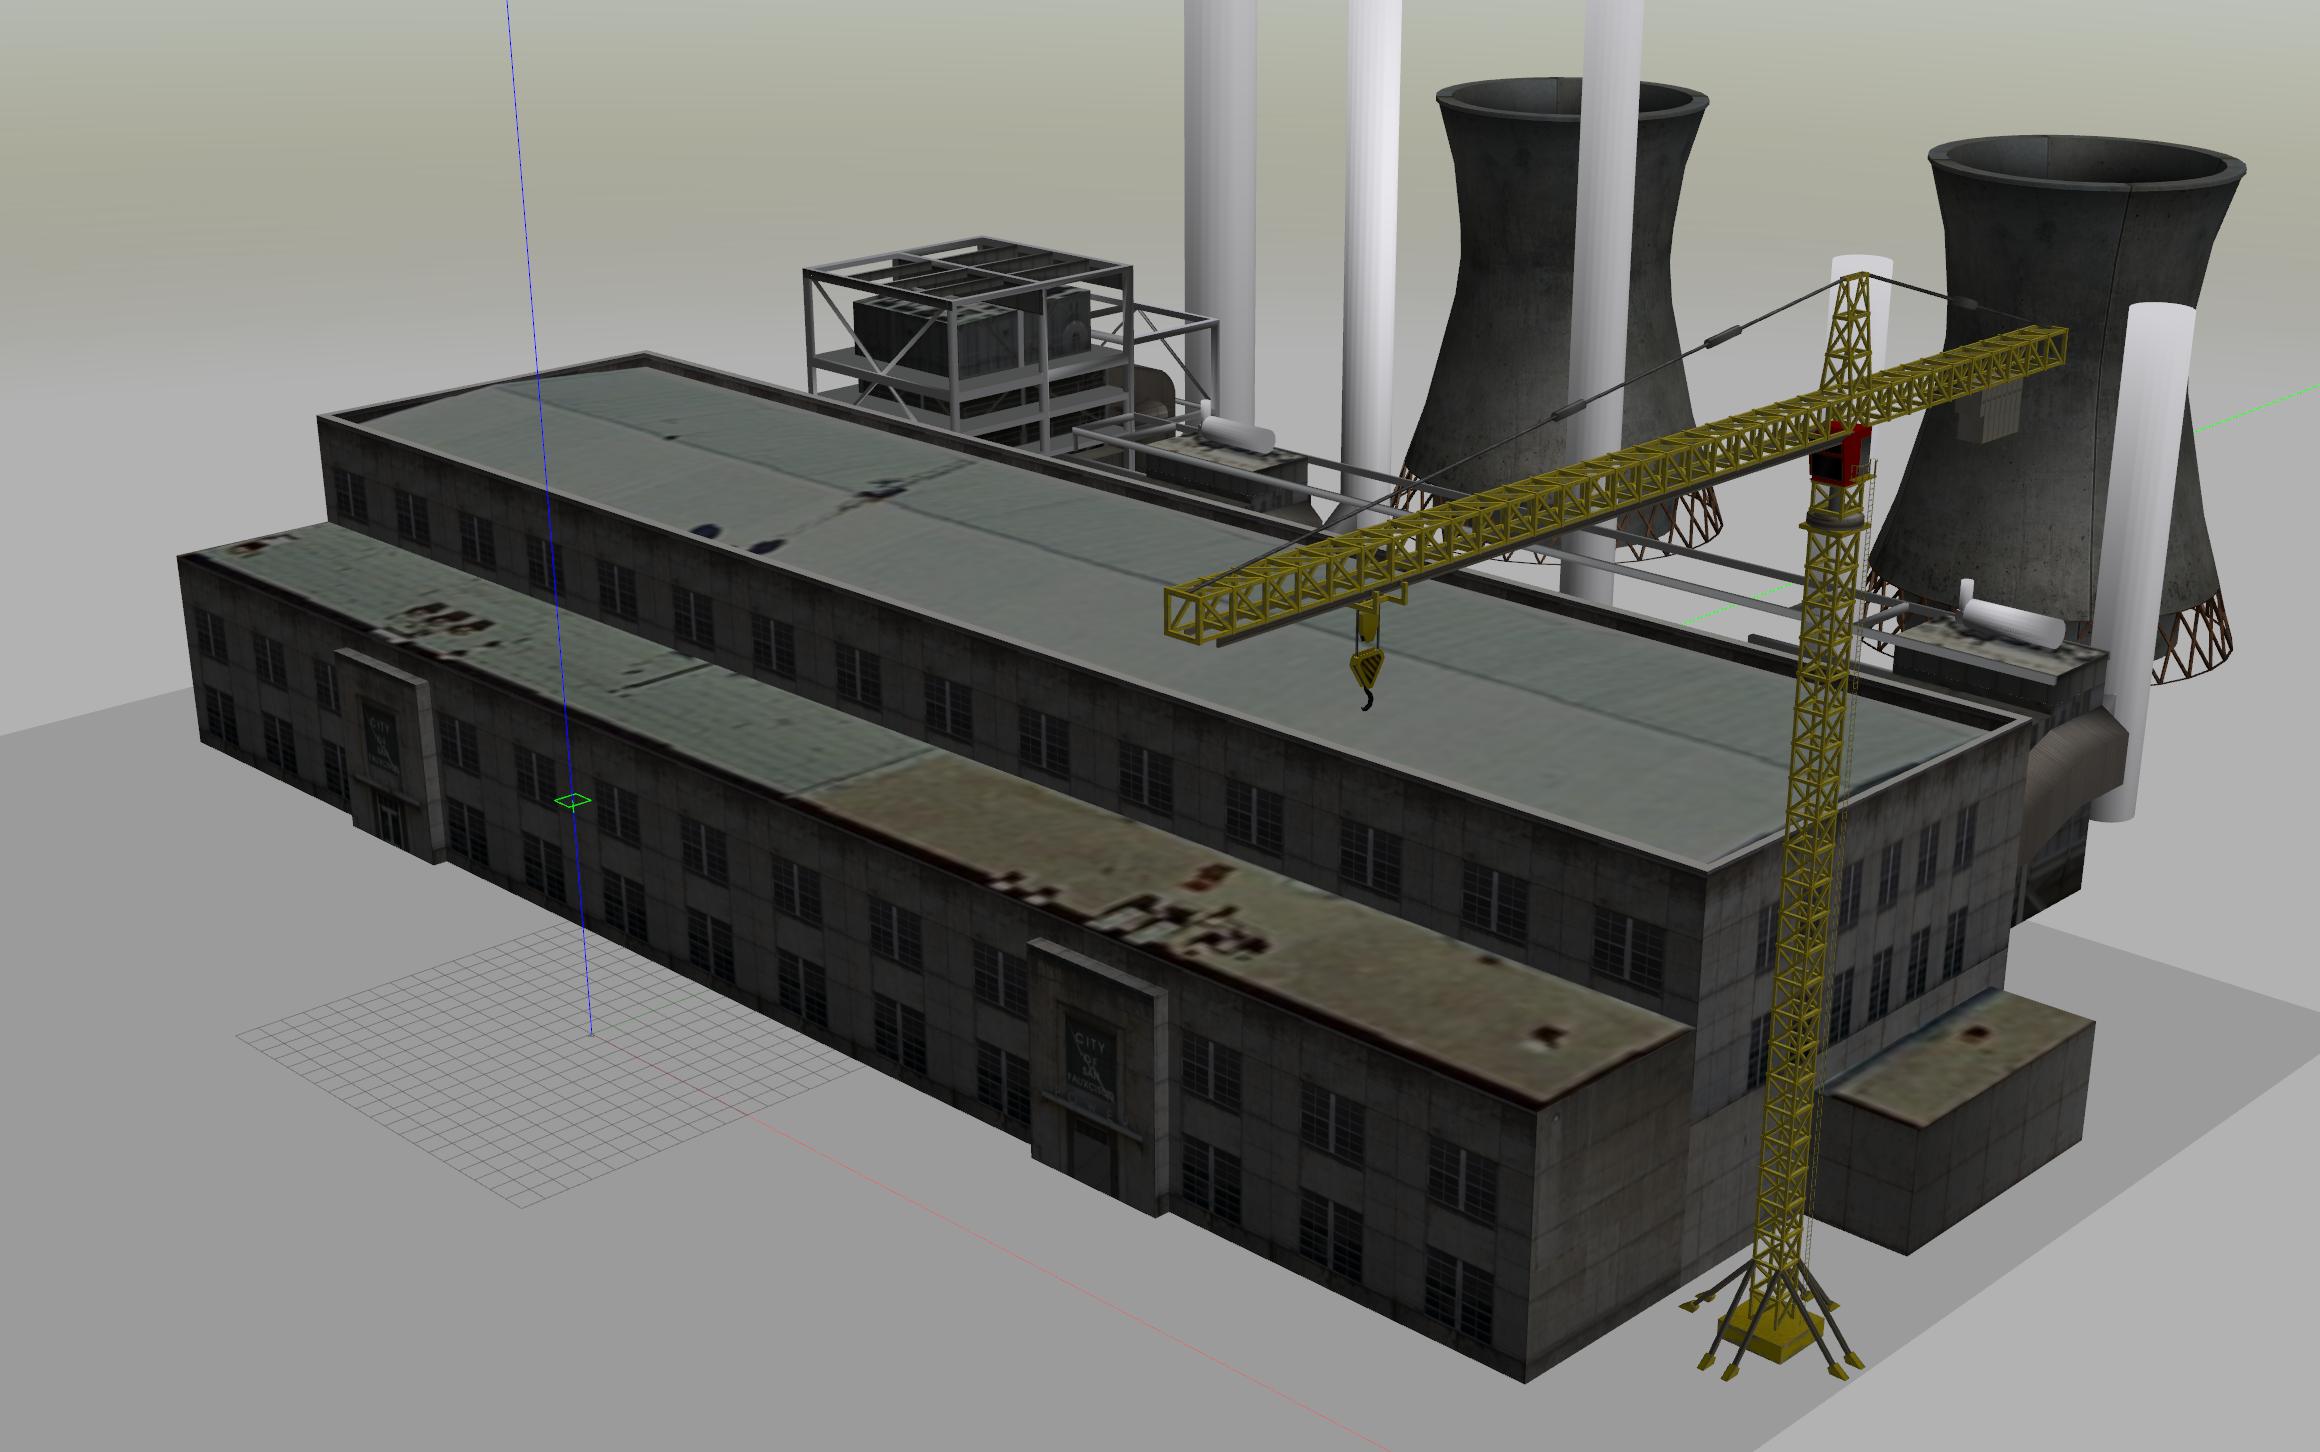 Simulation mit Drohne im virtuellen Raum